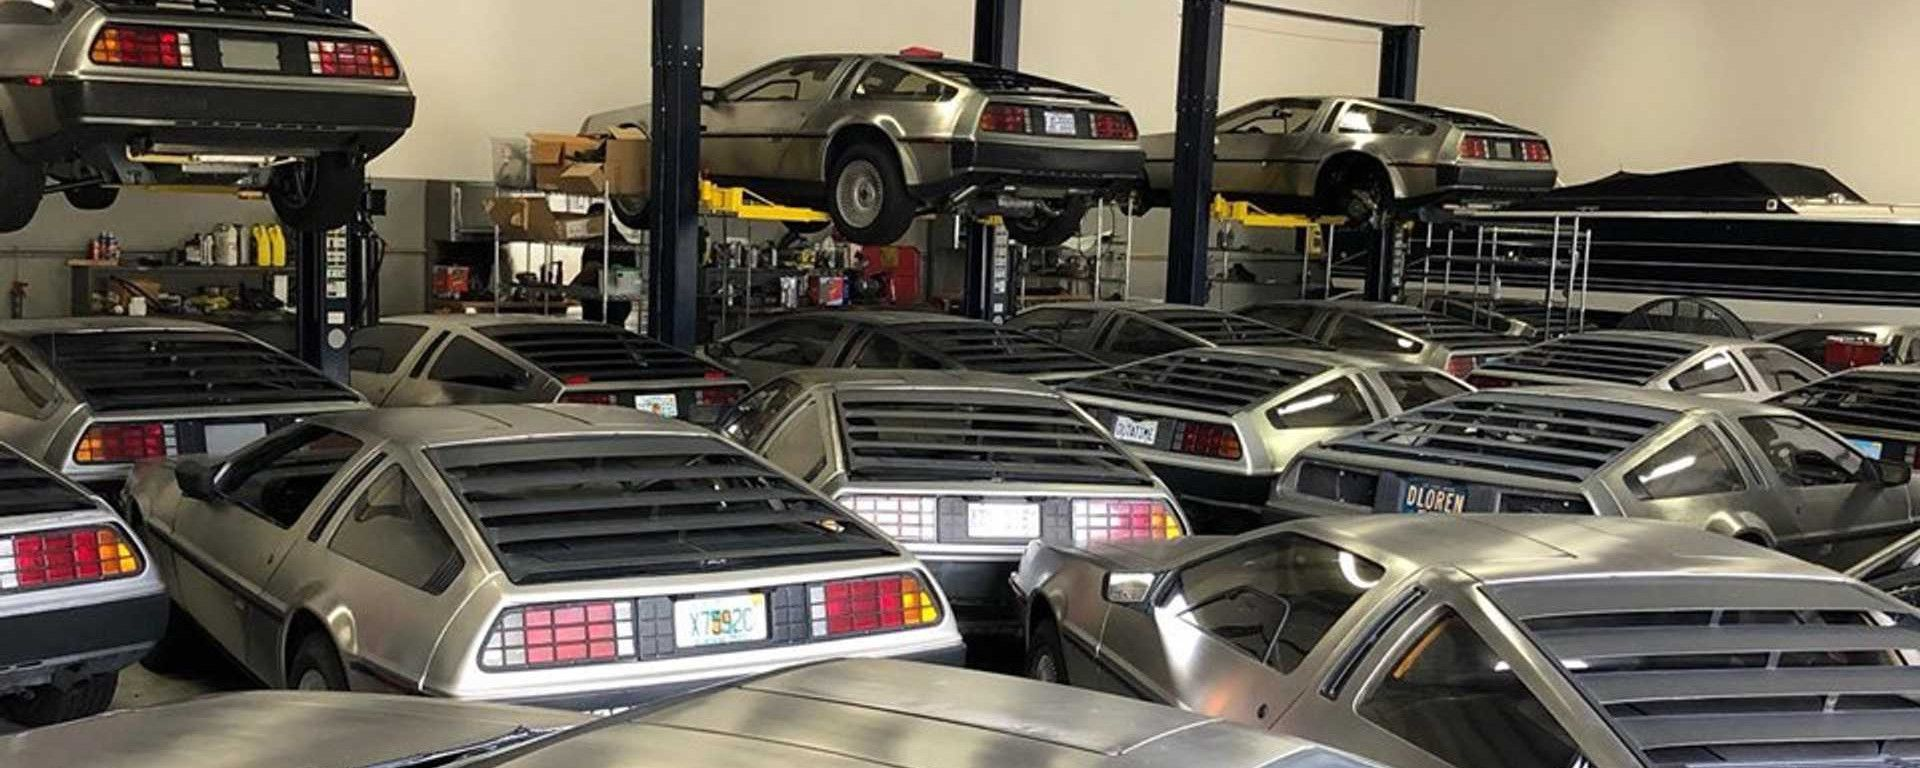 Uragano Dorian: le DeLorean vengono messe al sicuro